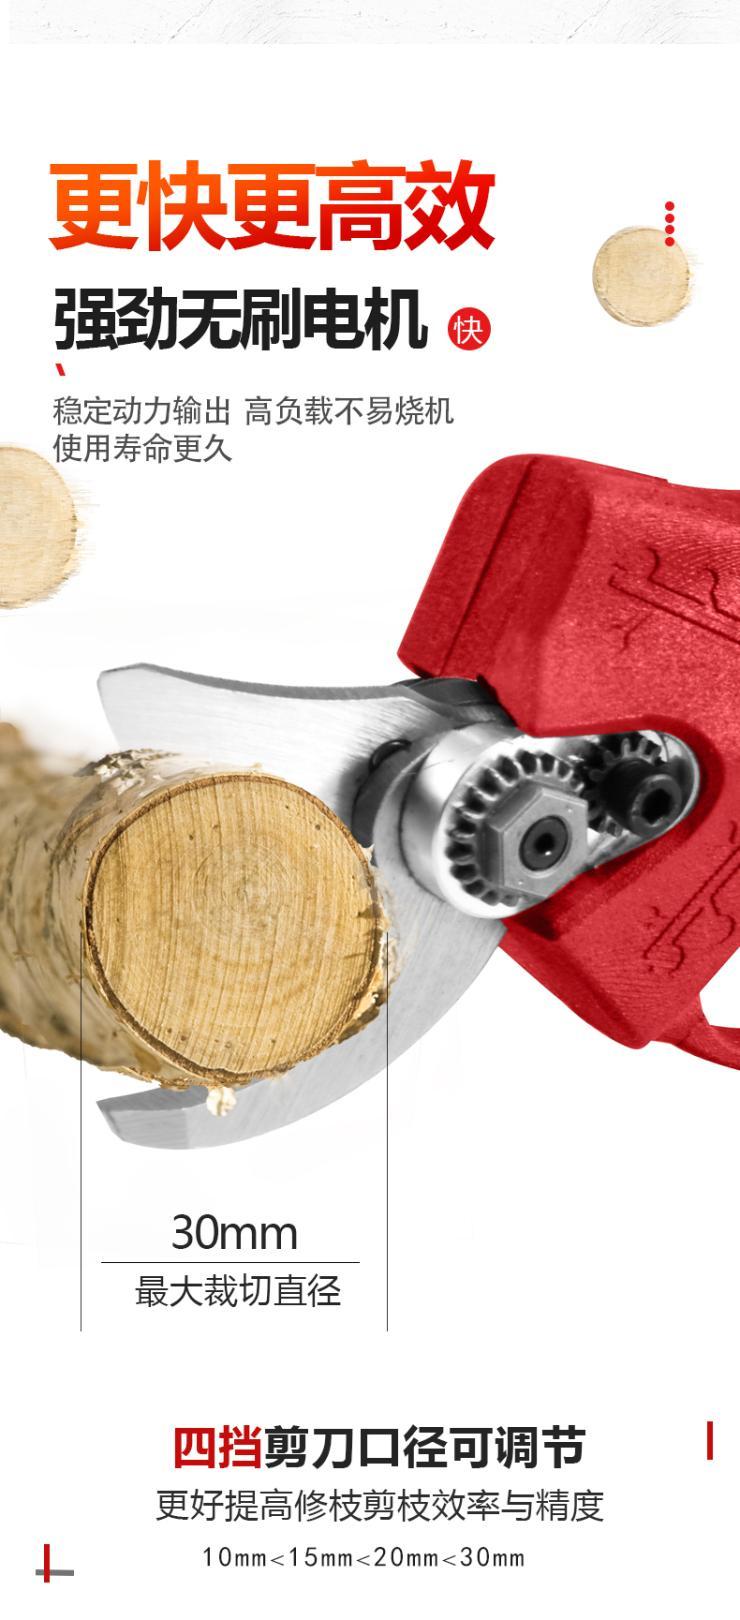 锂想电动修枝剪 锂电充电果树修枝剪